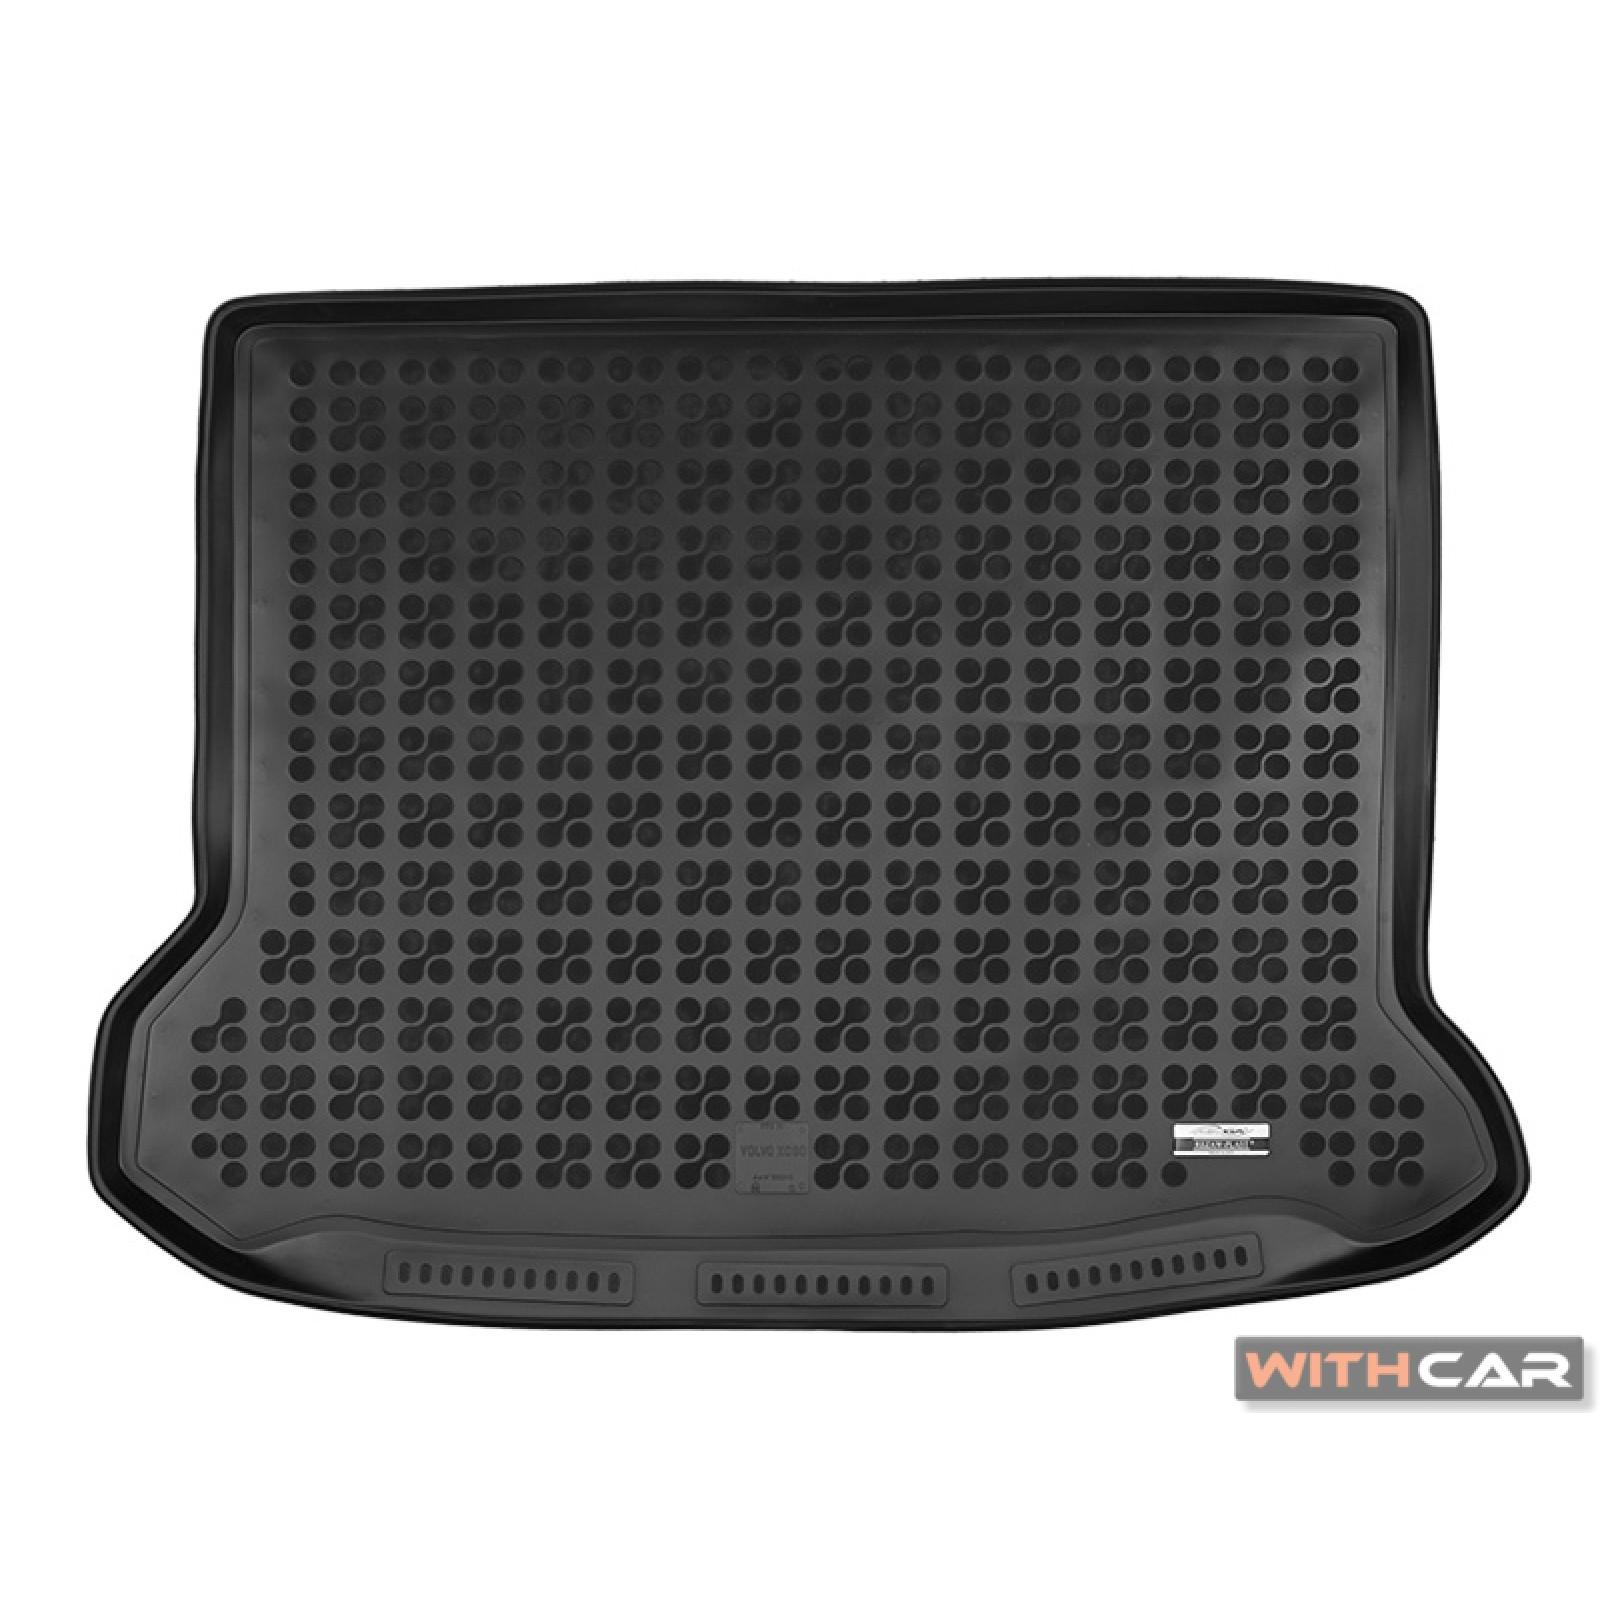 bac de coffre pour volvo xc60 volvo bacs de coffre sur mesure offre sur mesure. Black Bedroom Furniture Sets. Home Design Ideas